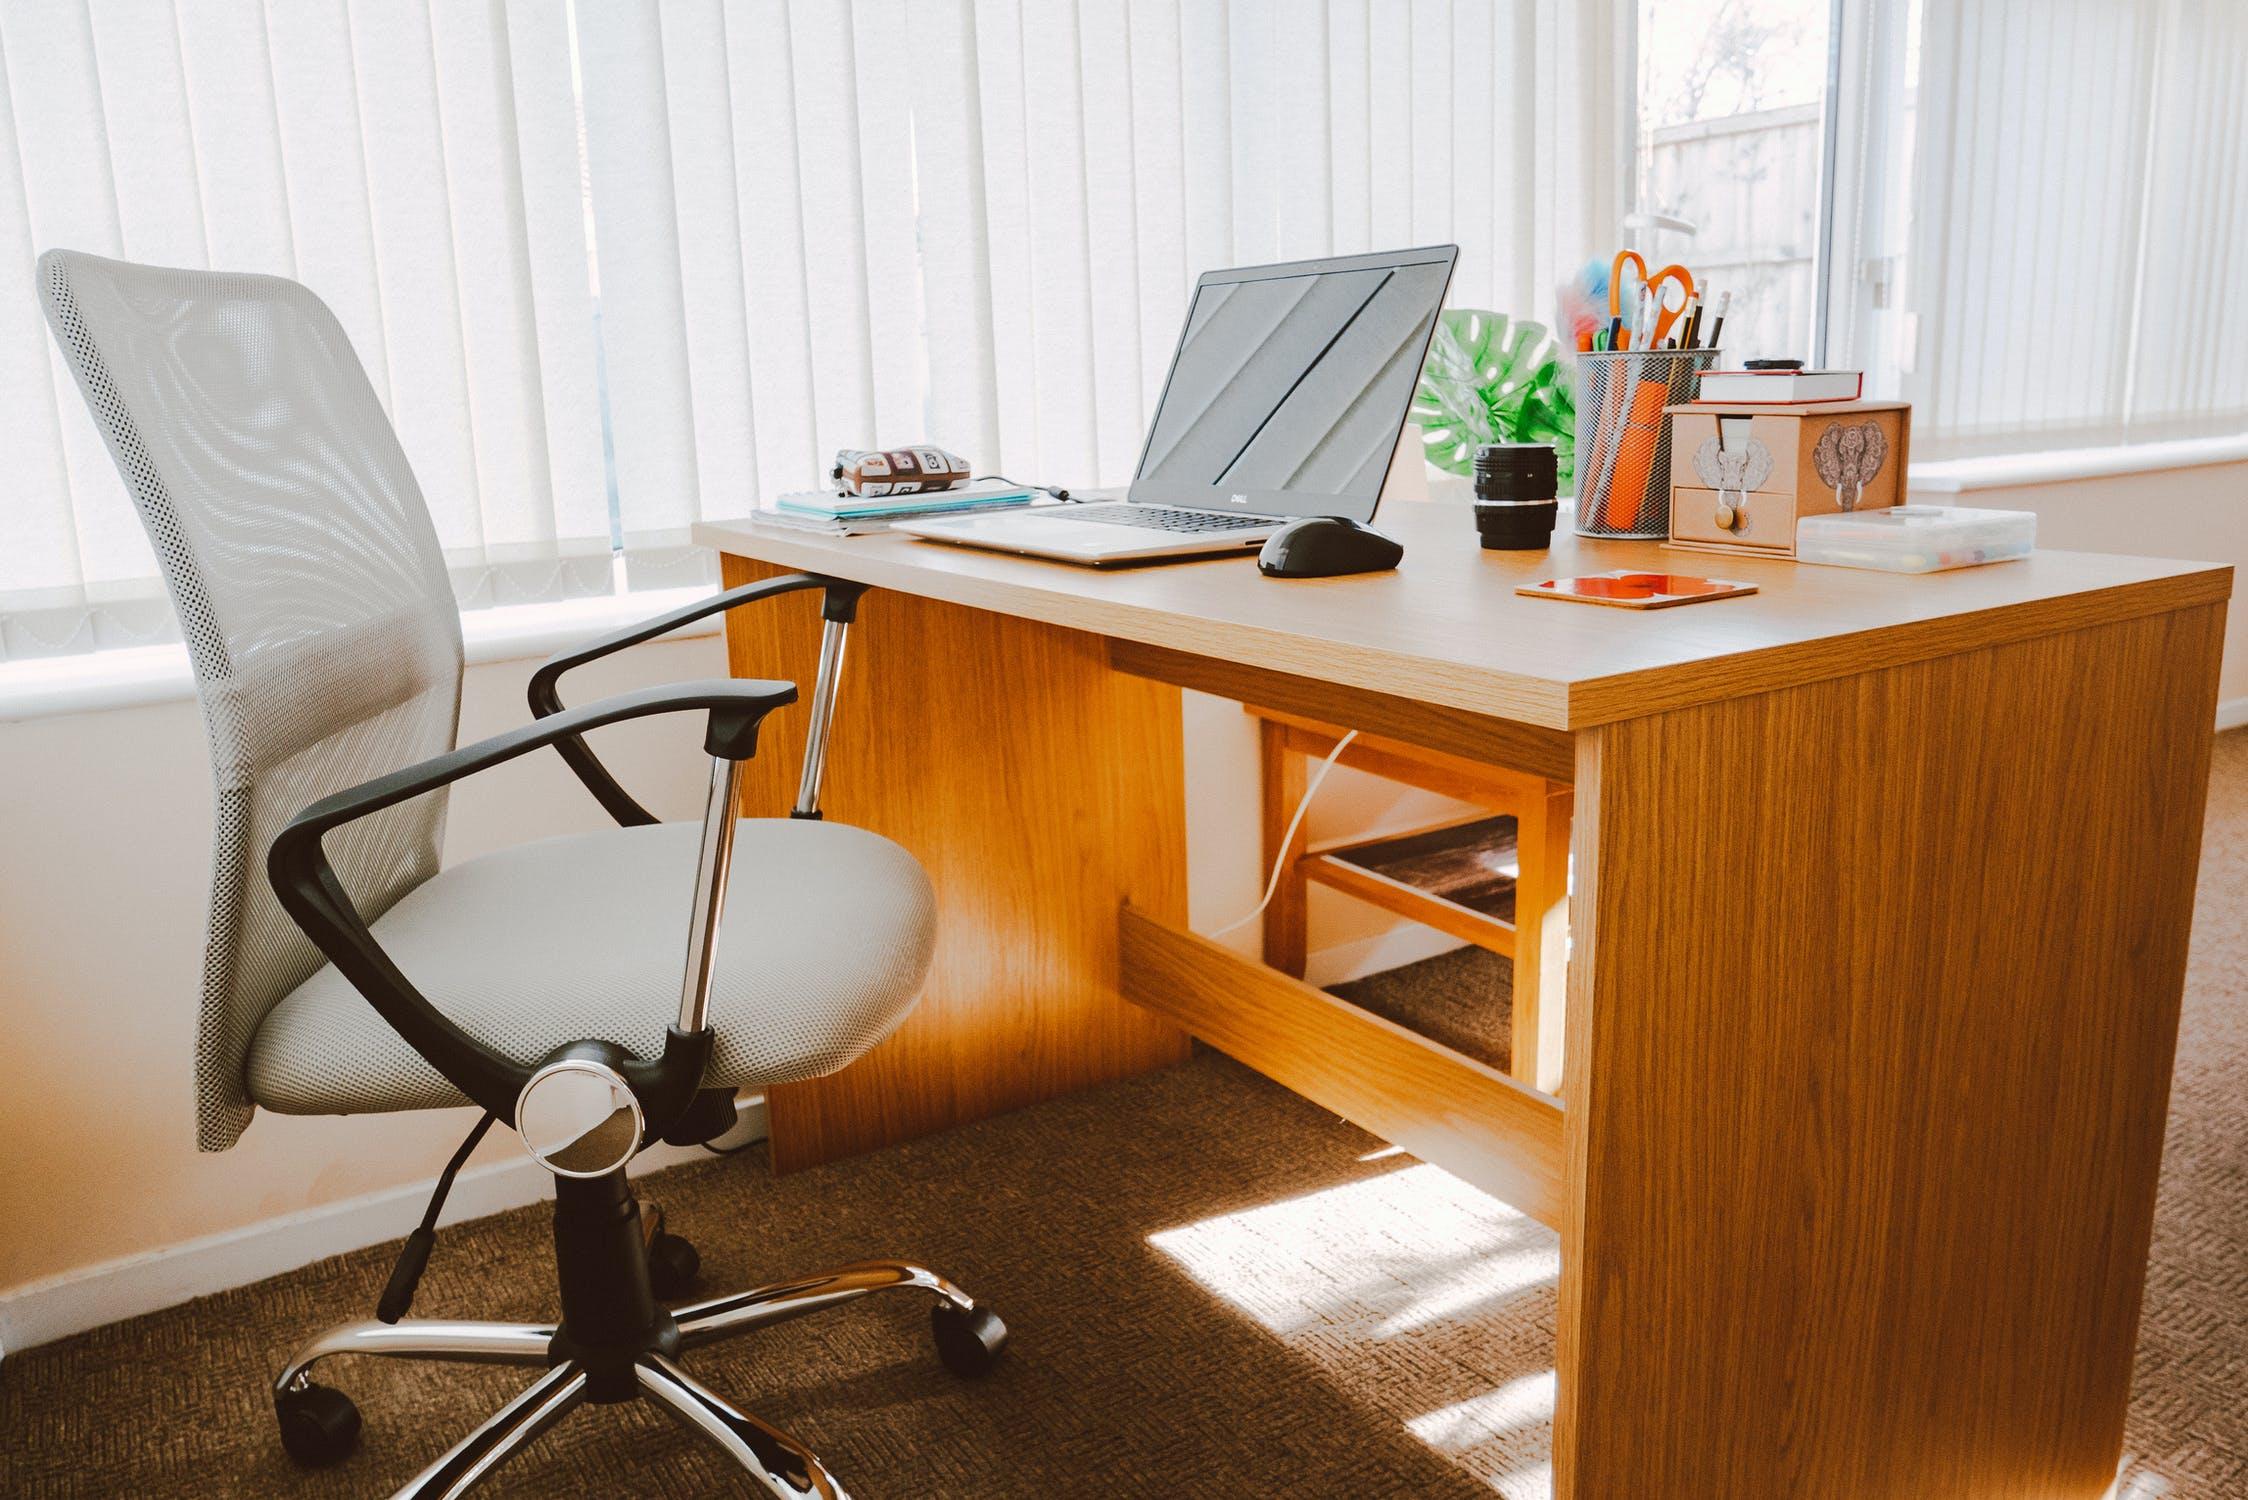 workspace-furniture